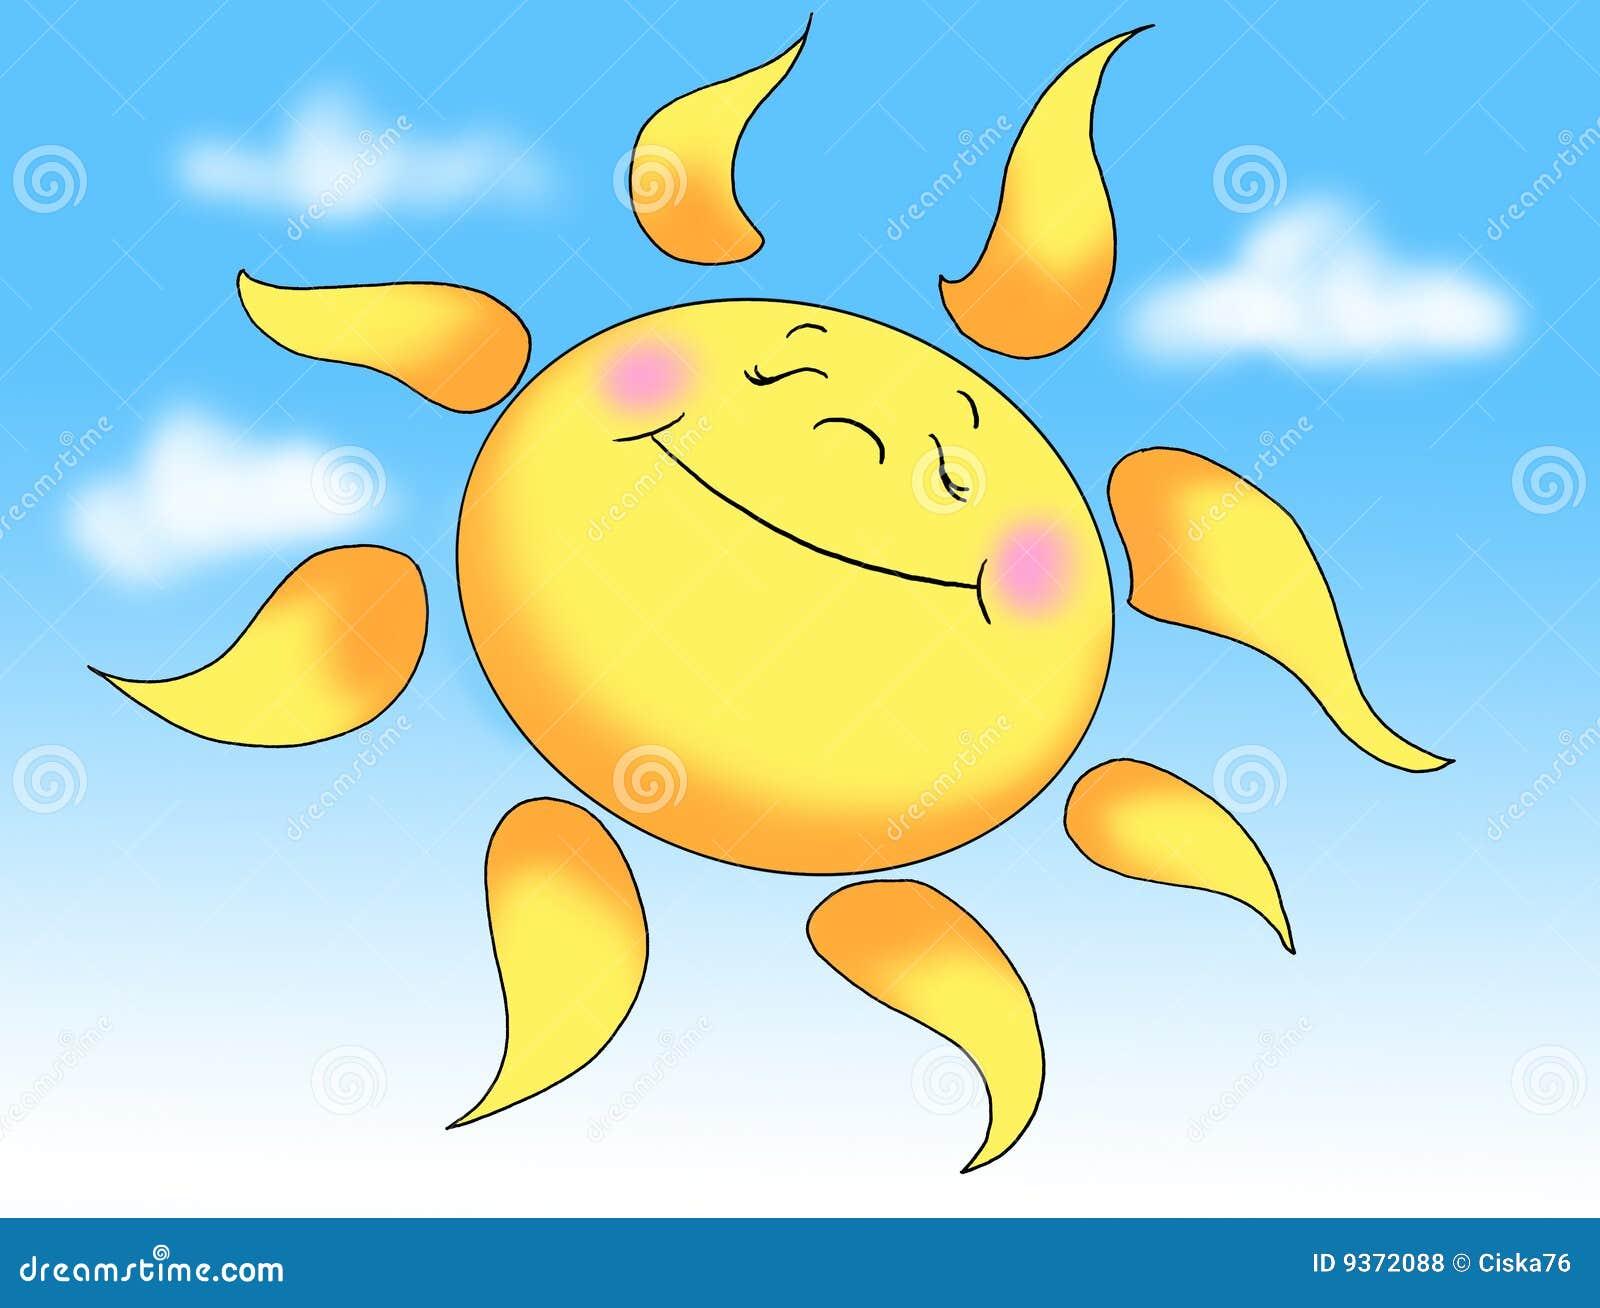 Sun in summer